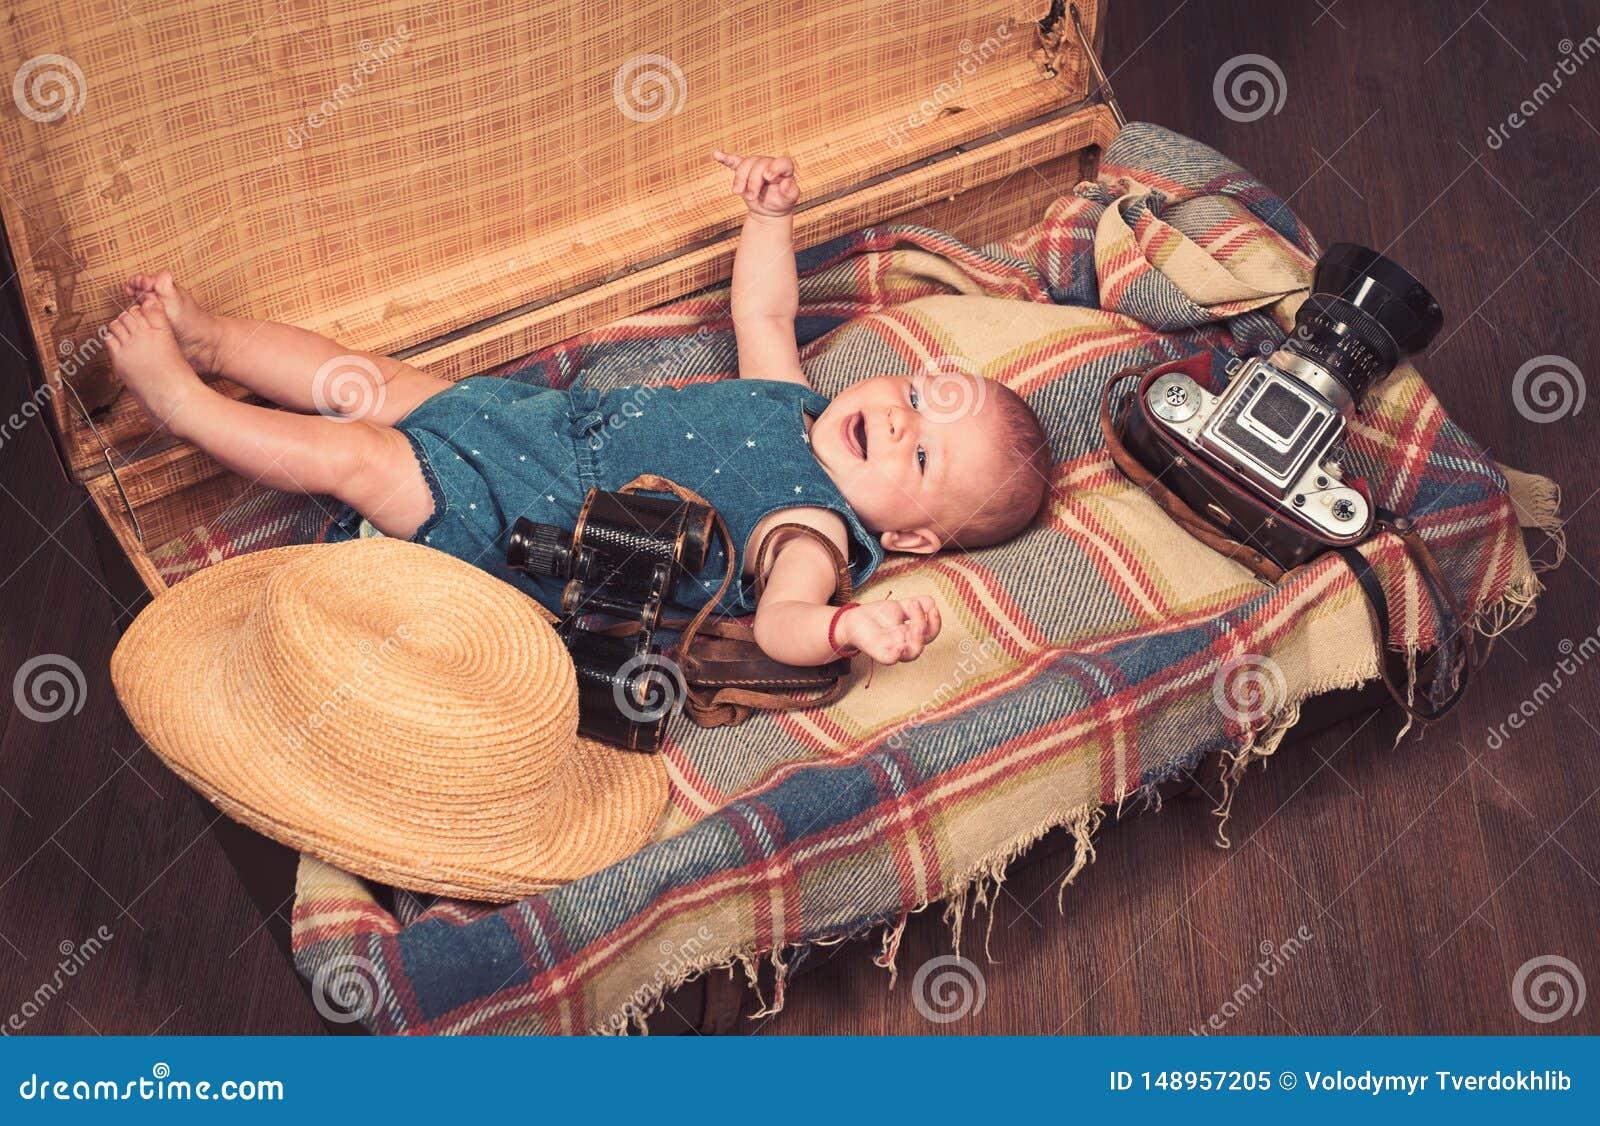 Het wachten op een baby Snoepje weinig baby Het nieuwe leven en geboorte Klein meisje in koffer Het reizen en avontuur Familie